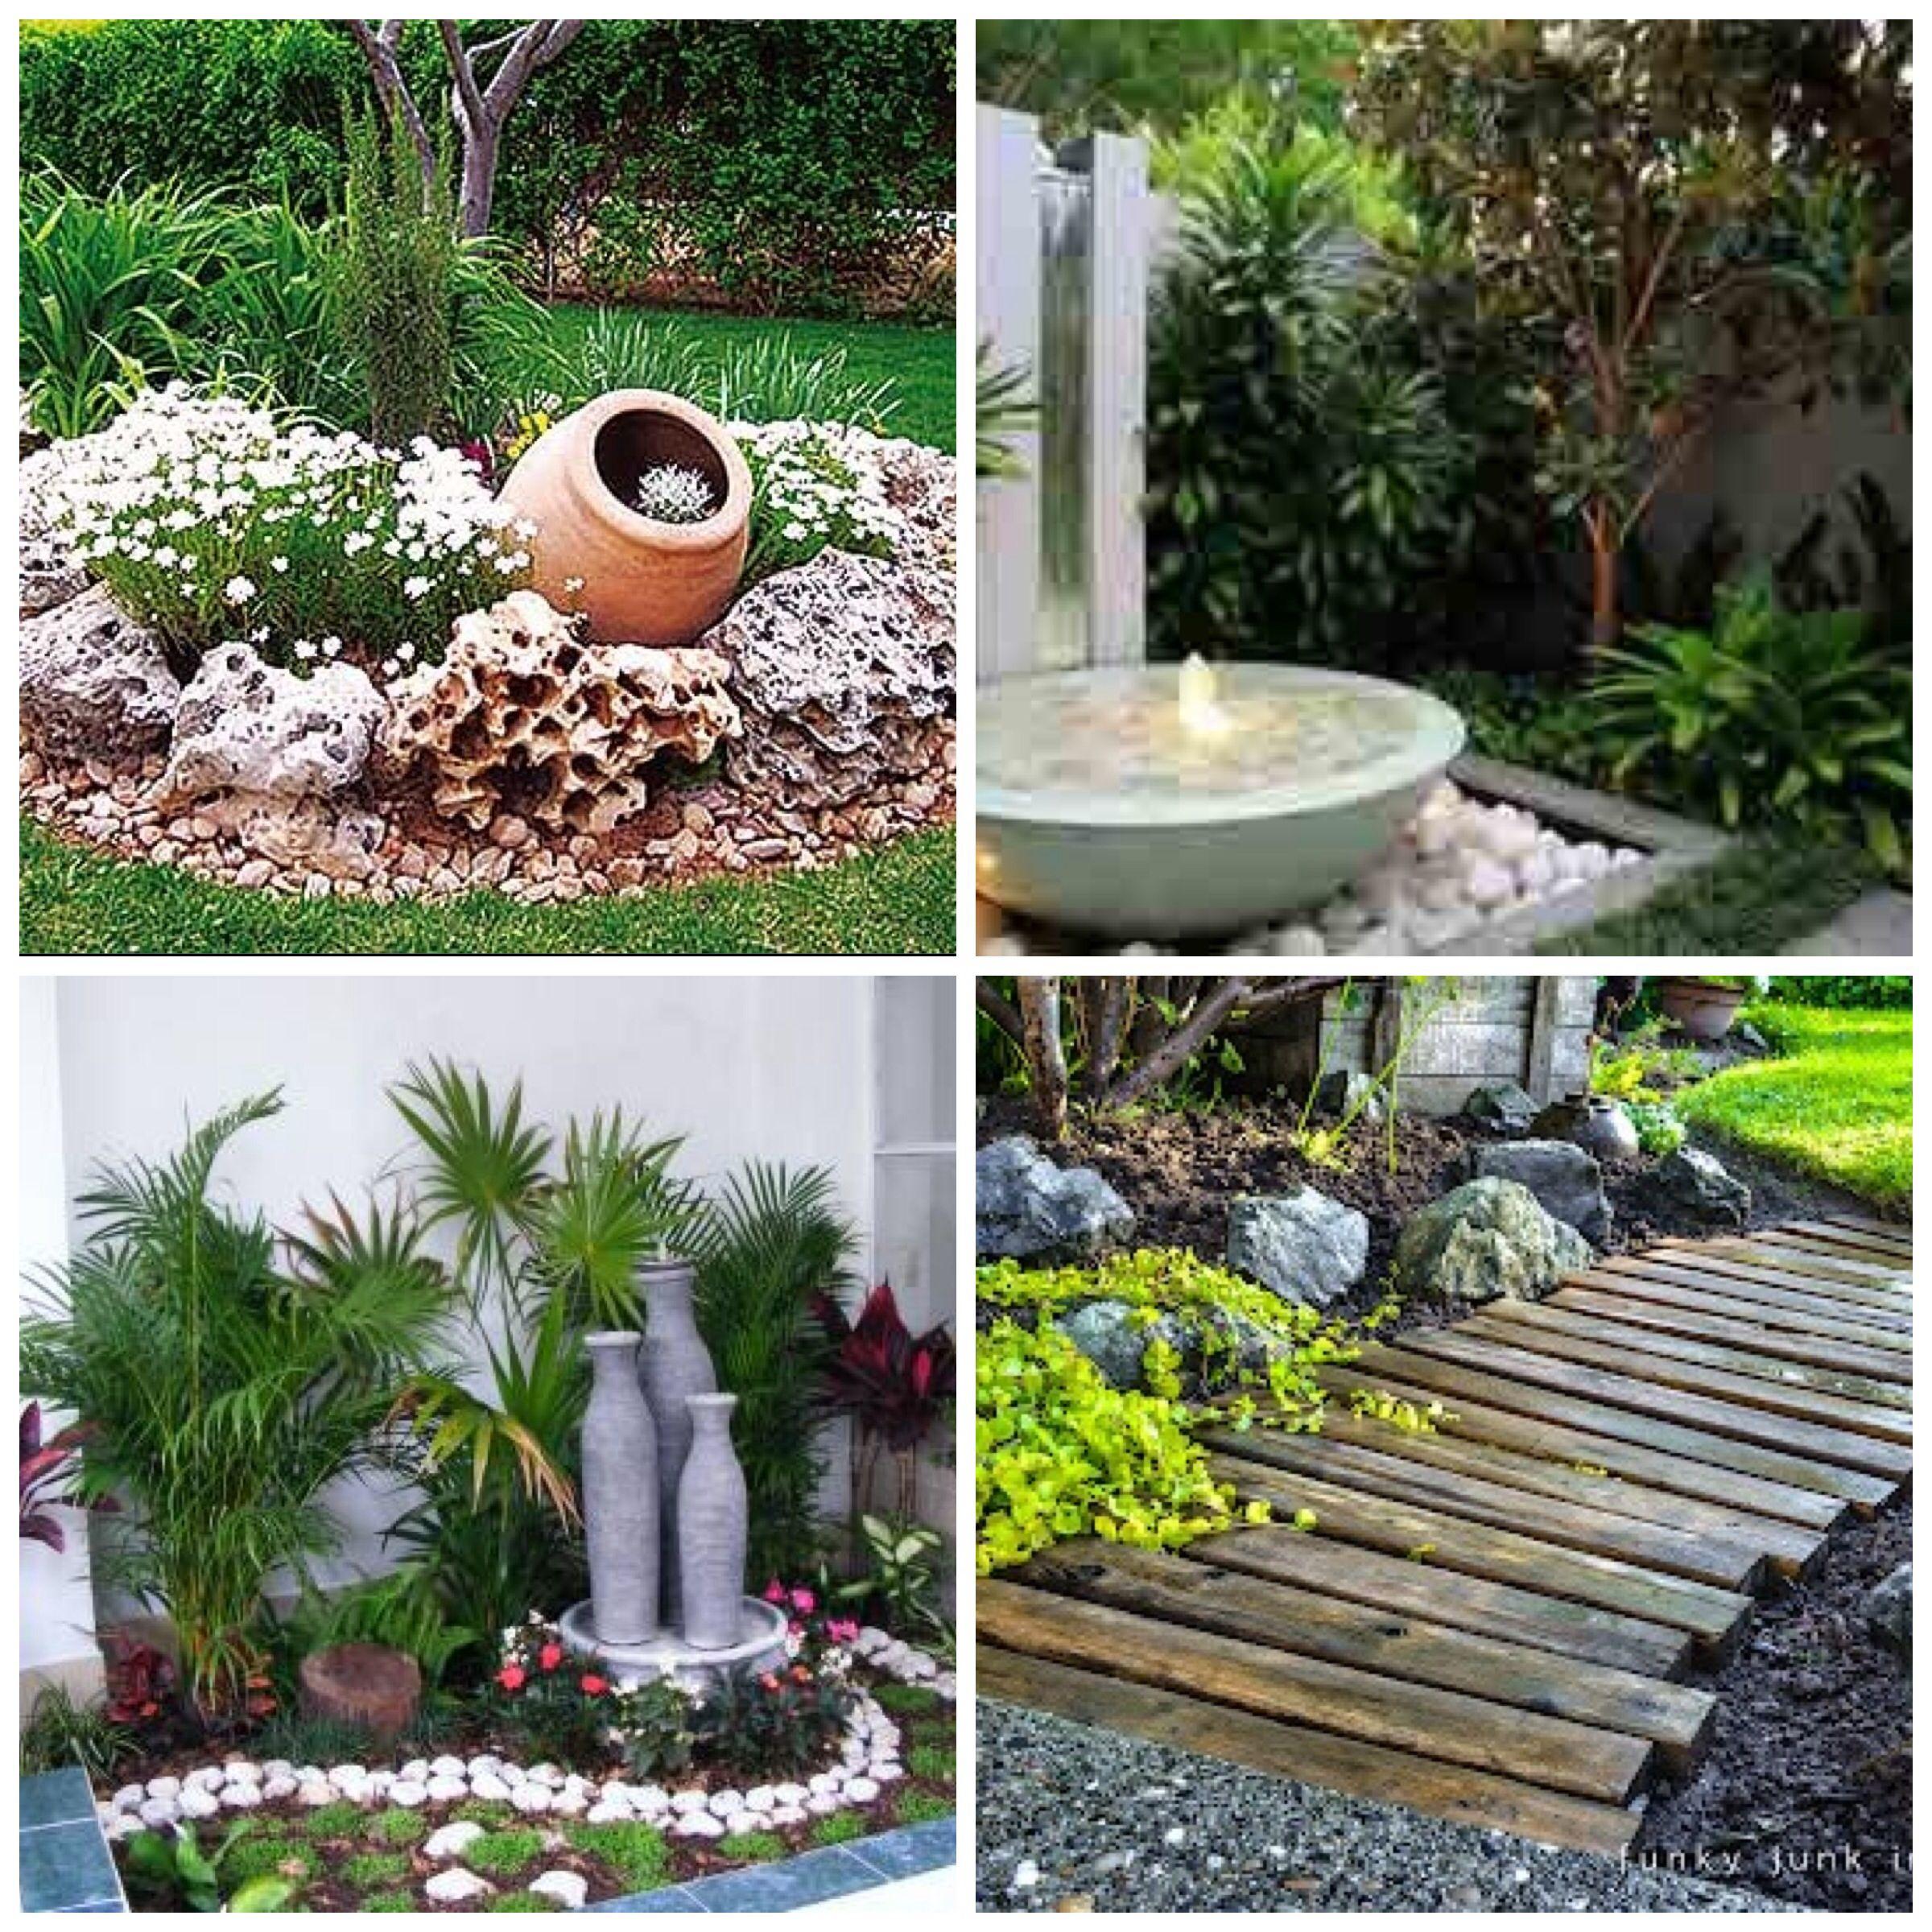 Dise o de jardines casa y jardiner a pinterest for Disenos de jardines y patios